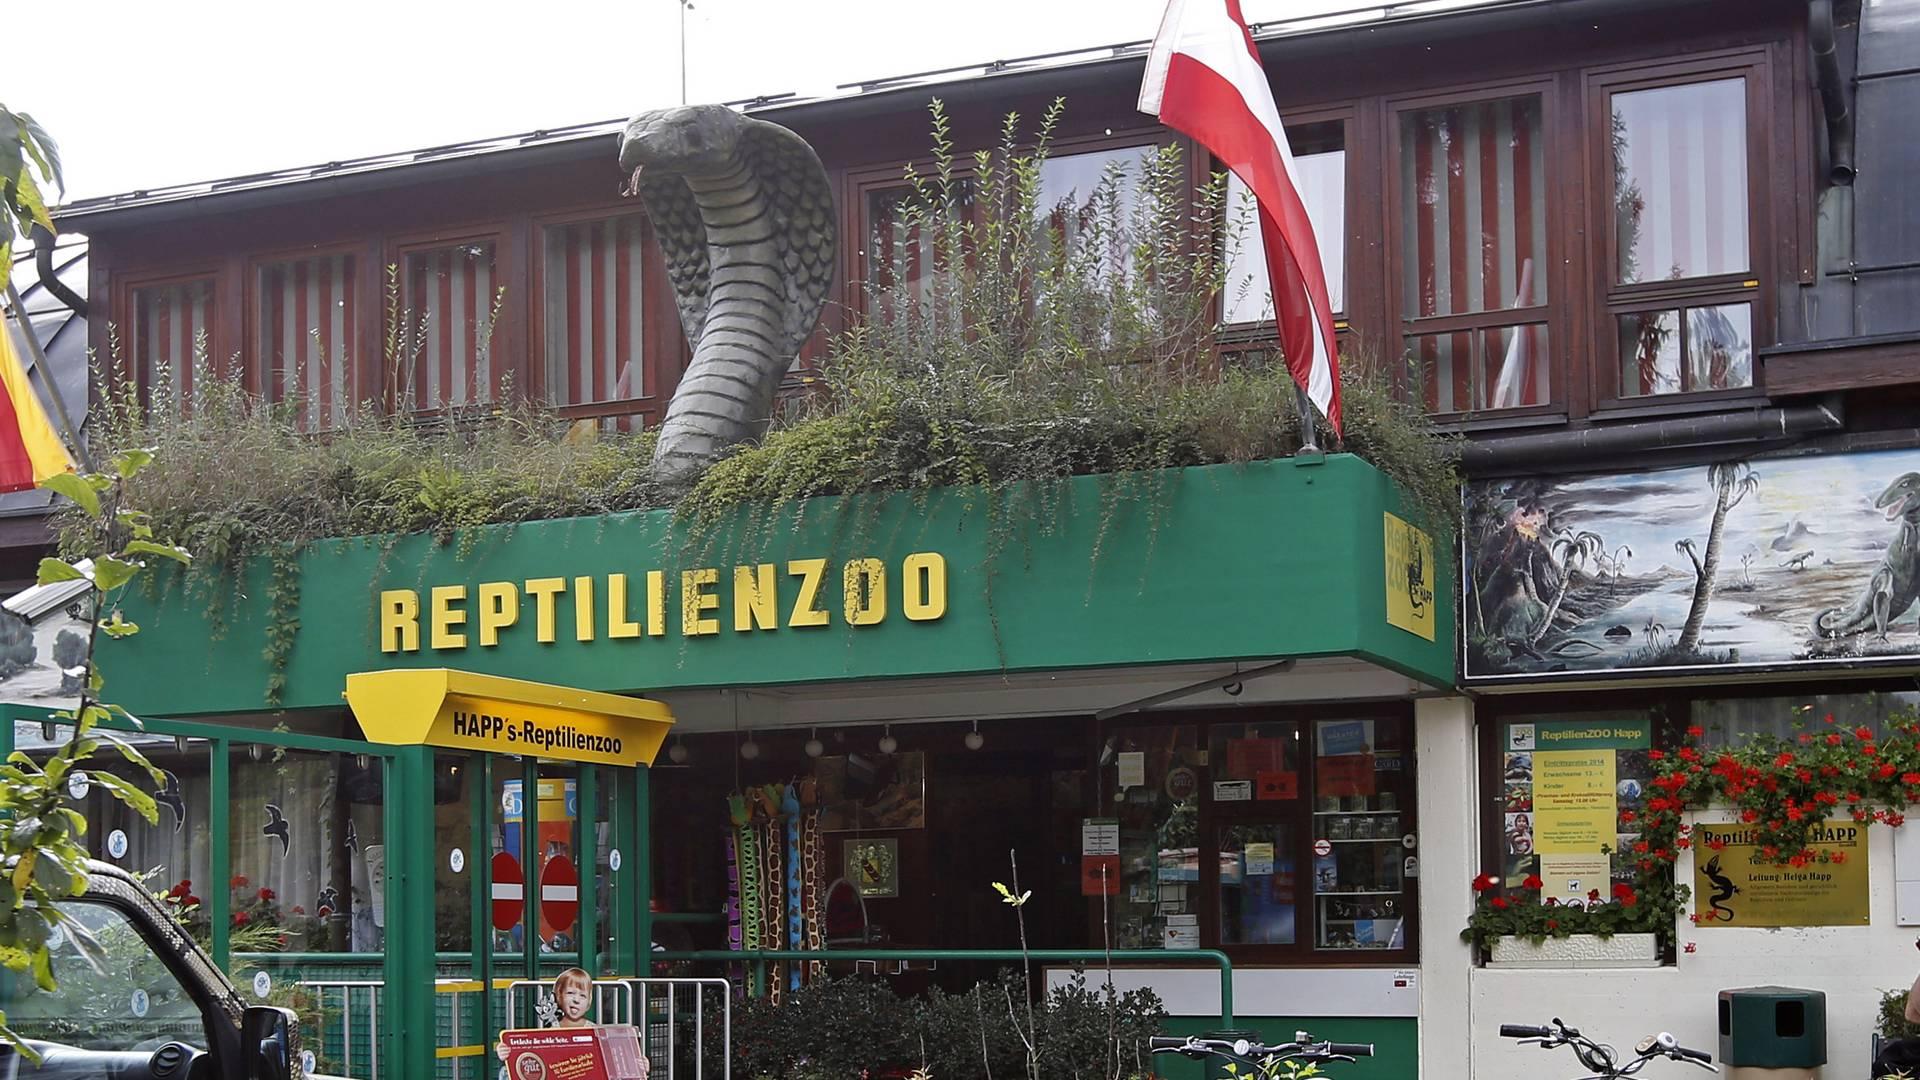 Reptilienzoo Happ